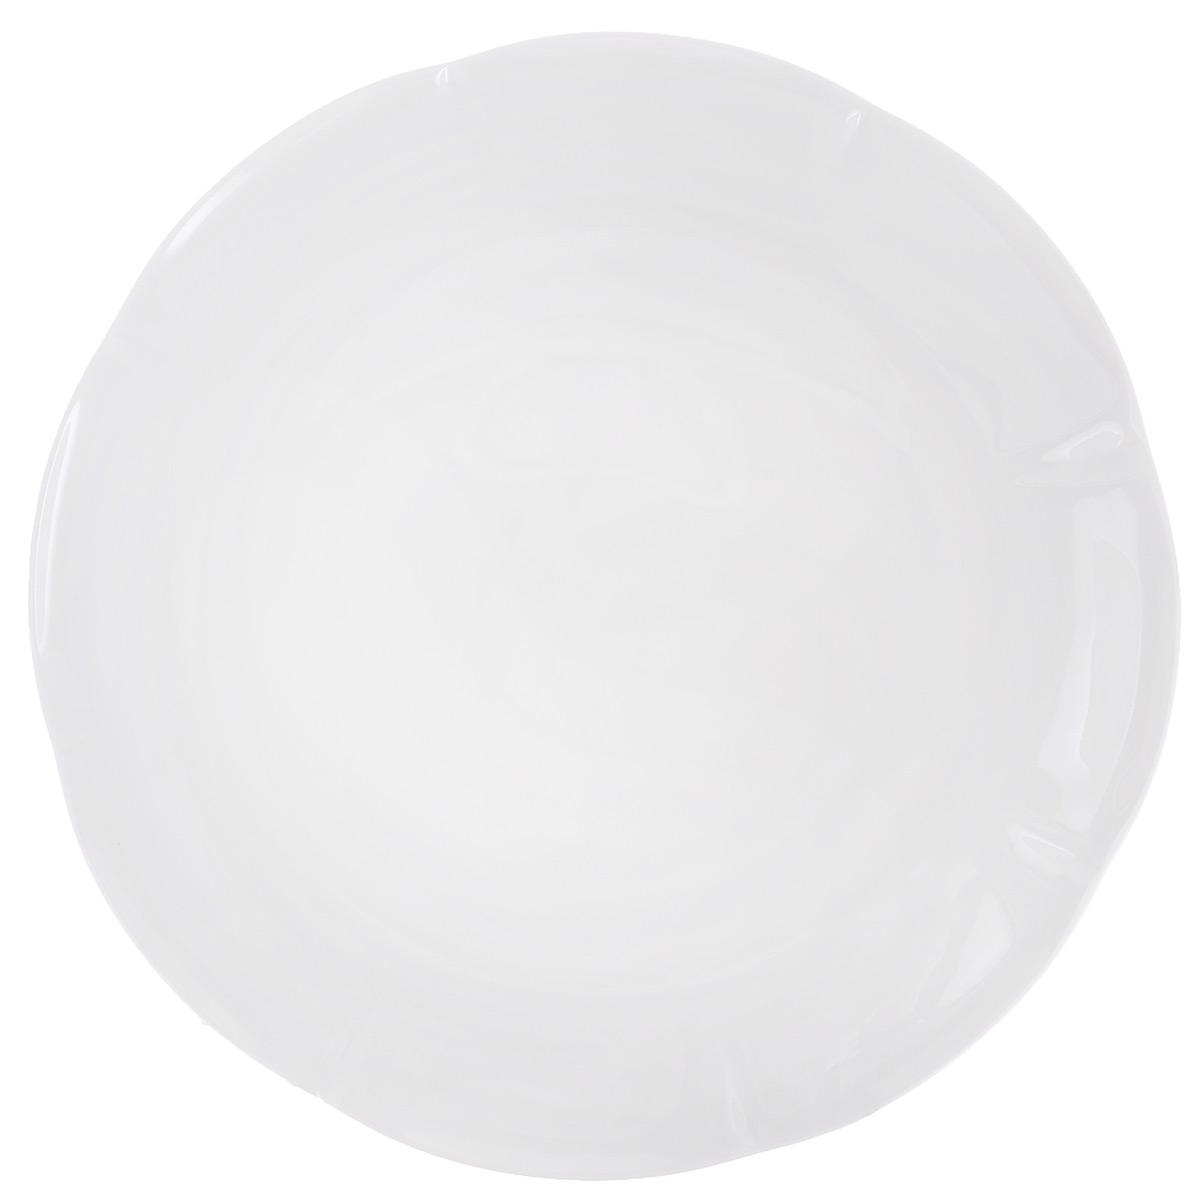 Блюдо для торта Royal Bone China White, диаметр 33 см89ww/0334Блюдо для торта Royal Bone China White, изготовленное из костяного фарфора с содержанием костяной муки (45%), прекрасно впишется в интерьер вашей кухни и станет достойным дополнением к кухонному инвентарю. Основным достоинством изделий из костяного фарфора является абсолютно гладкая глазуровка. Такие изделия сочетают в себе изысканный вид с прочностью и долговечностью. Блюдо прекрасно подойдет для подачи тортов, пирогов, пирожных. Изысканное блюдо прекрасно подойдет для сервировки стола и придется по вкусу вашим гостям. Размер блюда: 33 см х 33 см х 1 см.